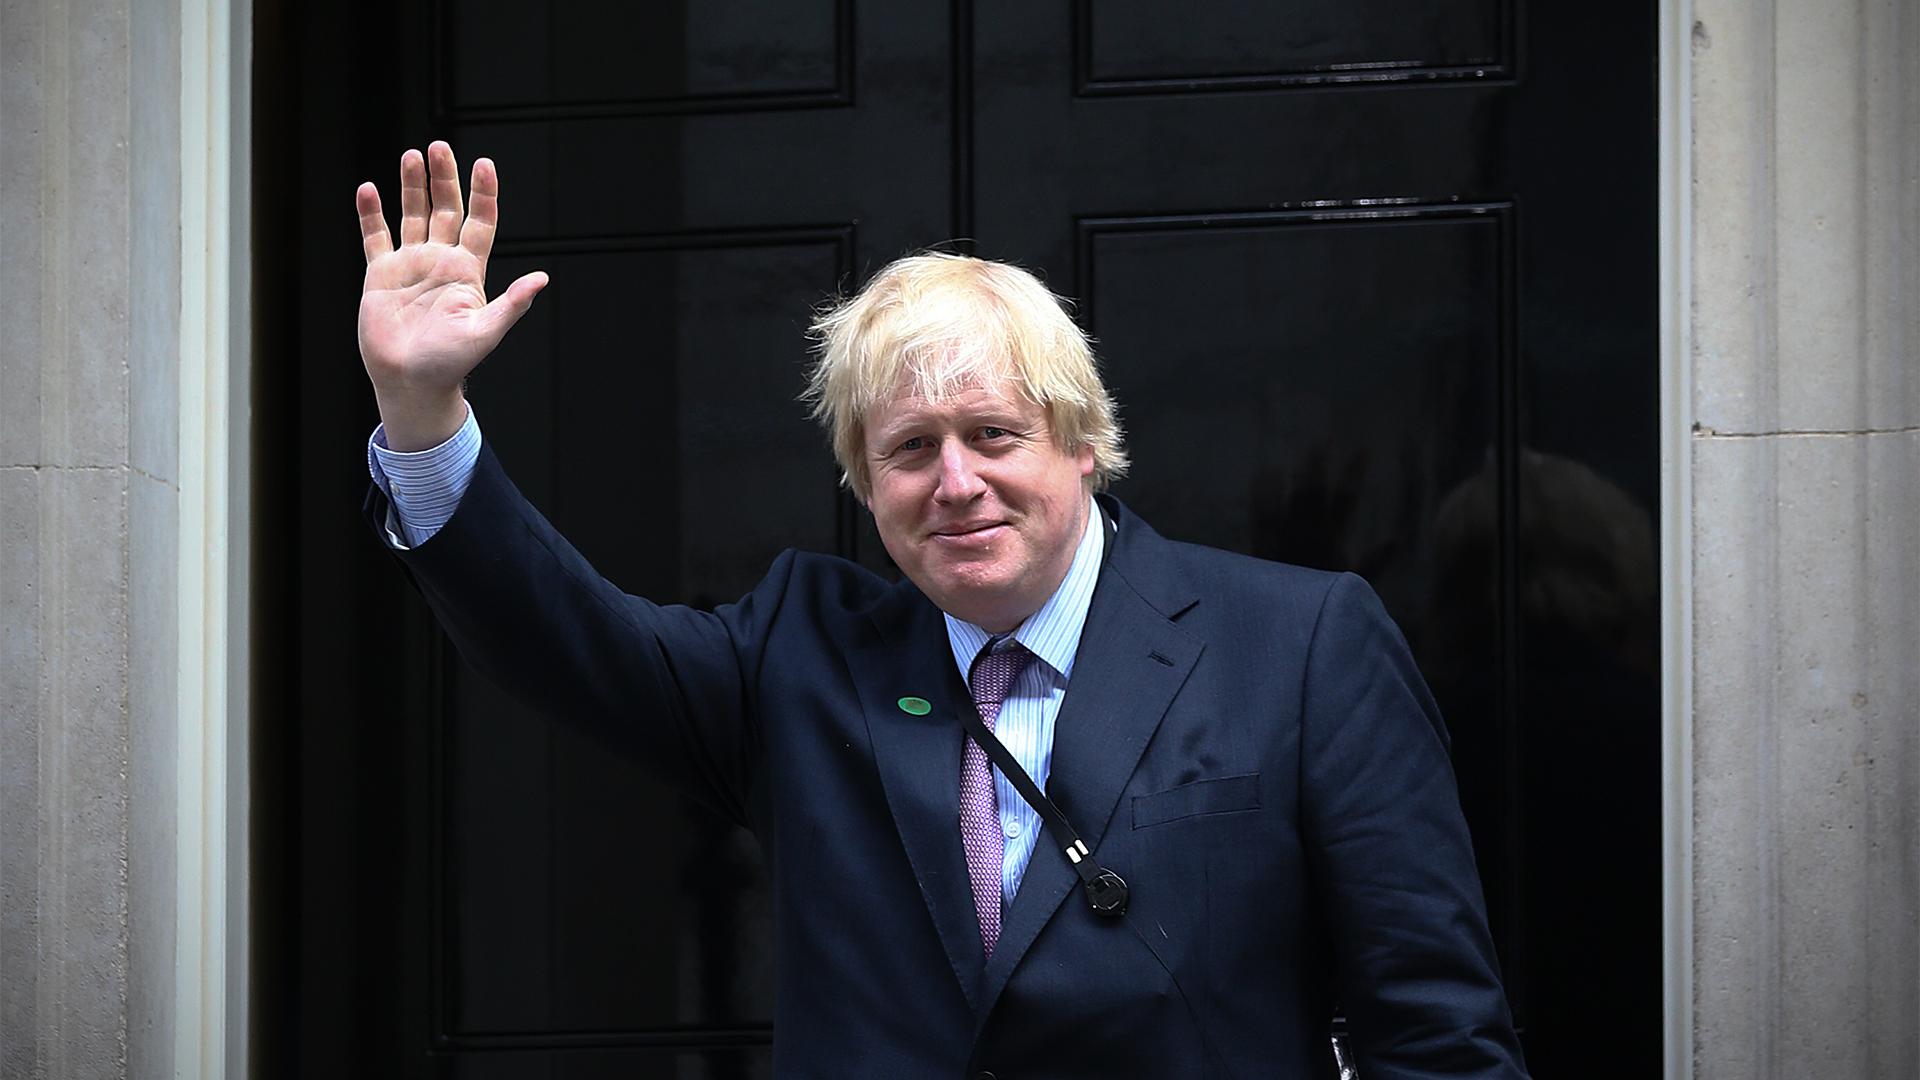 Kiderült, hány gyereke van Boris Johnsonnak